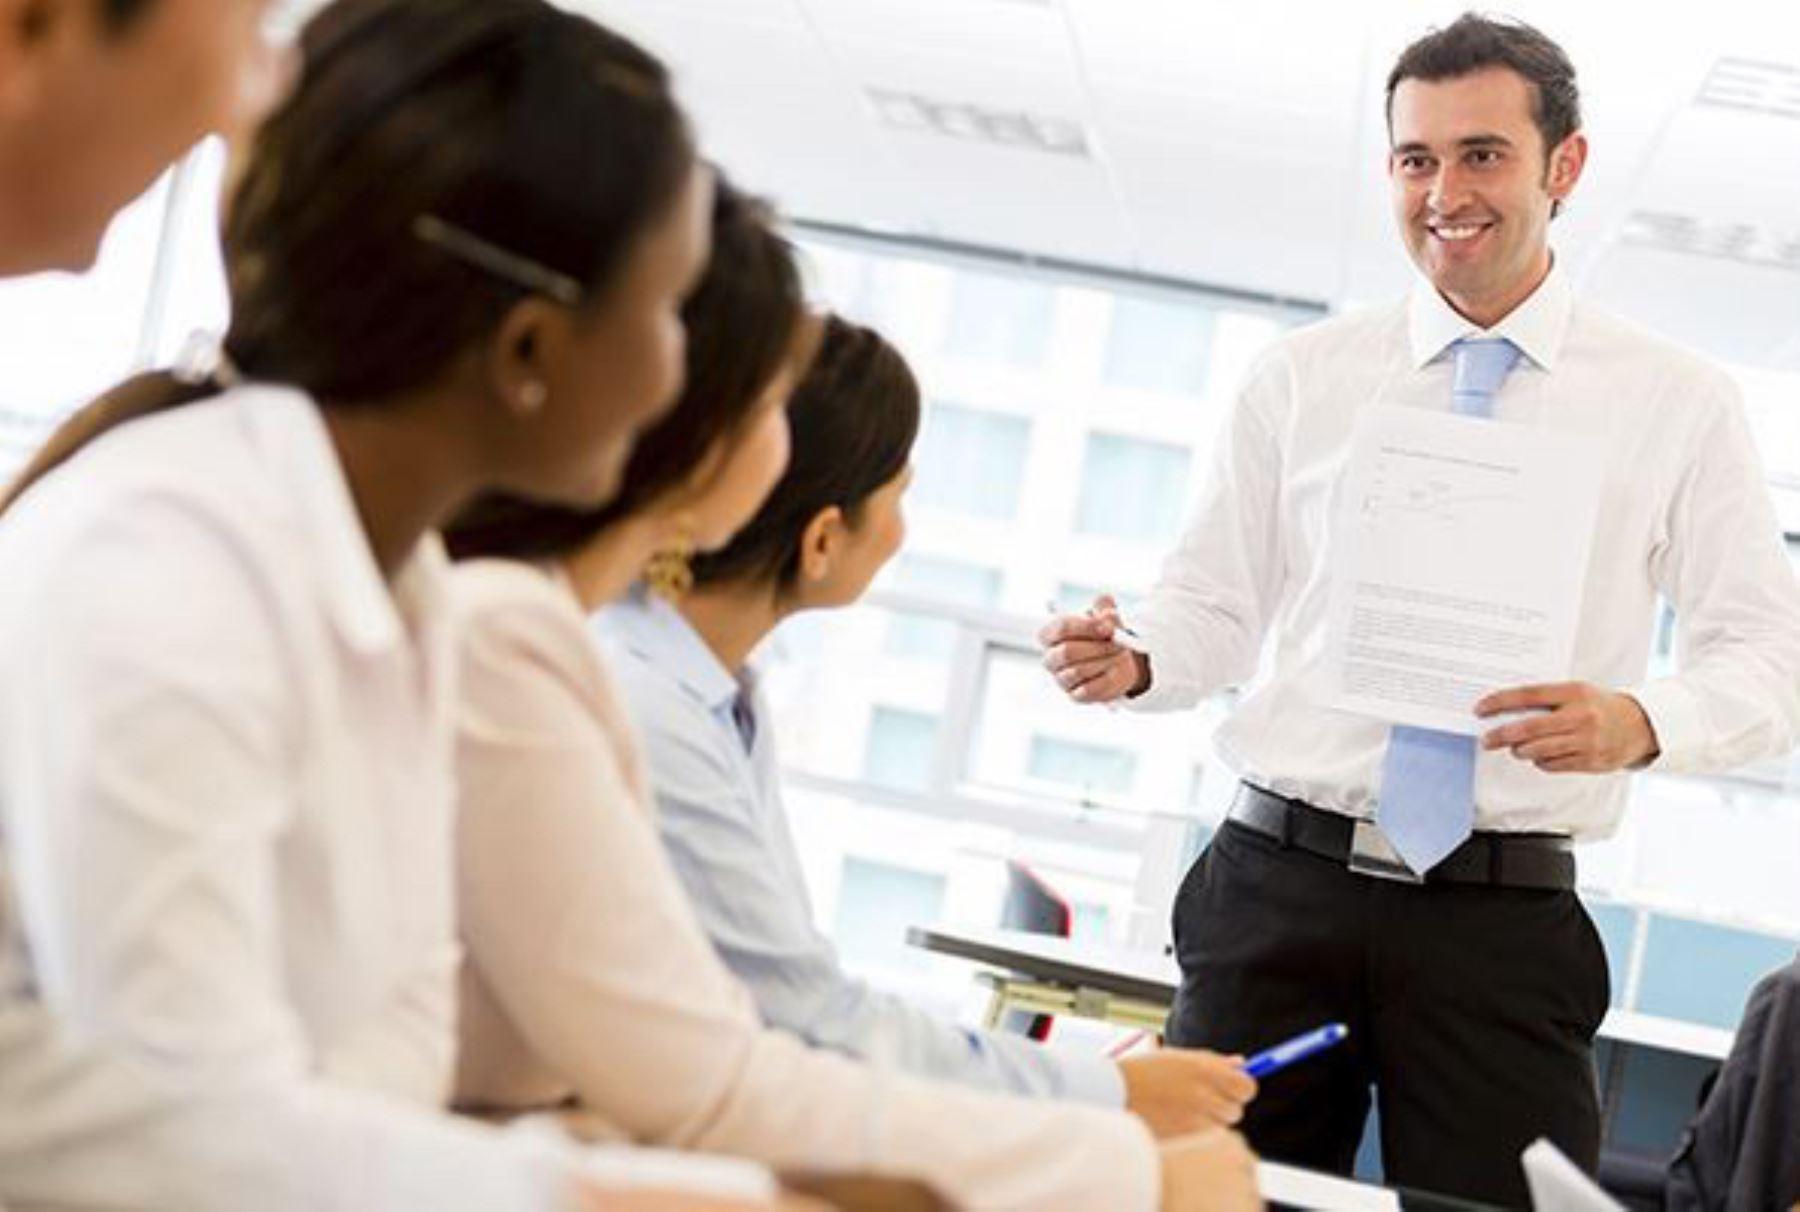 Los líderes corporativos están en una constante competencia para posicionarse en el marcador con los salarios más atractivos. INTERNET/Medios